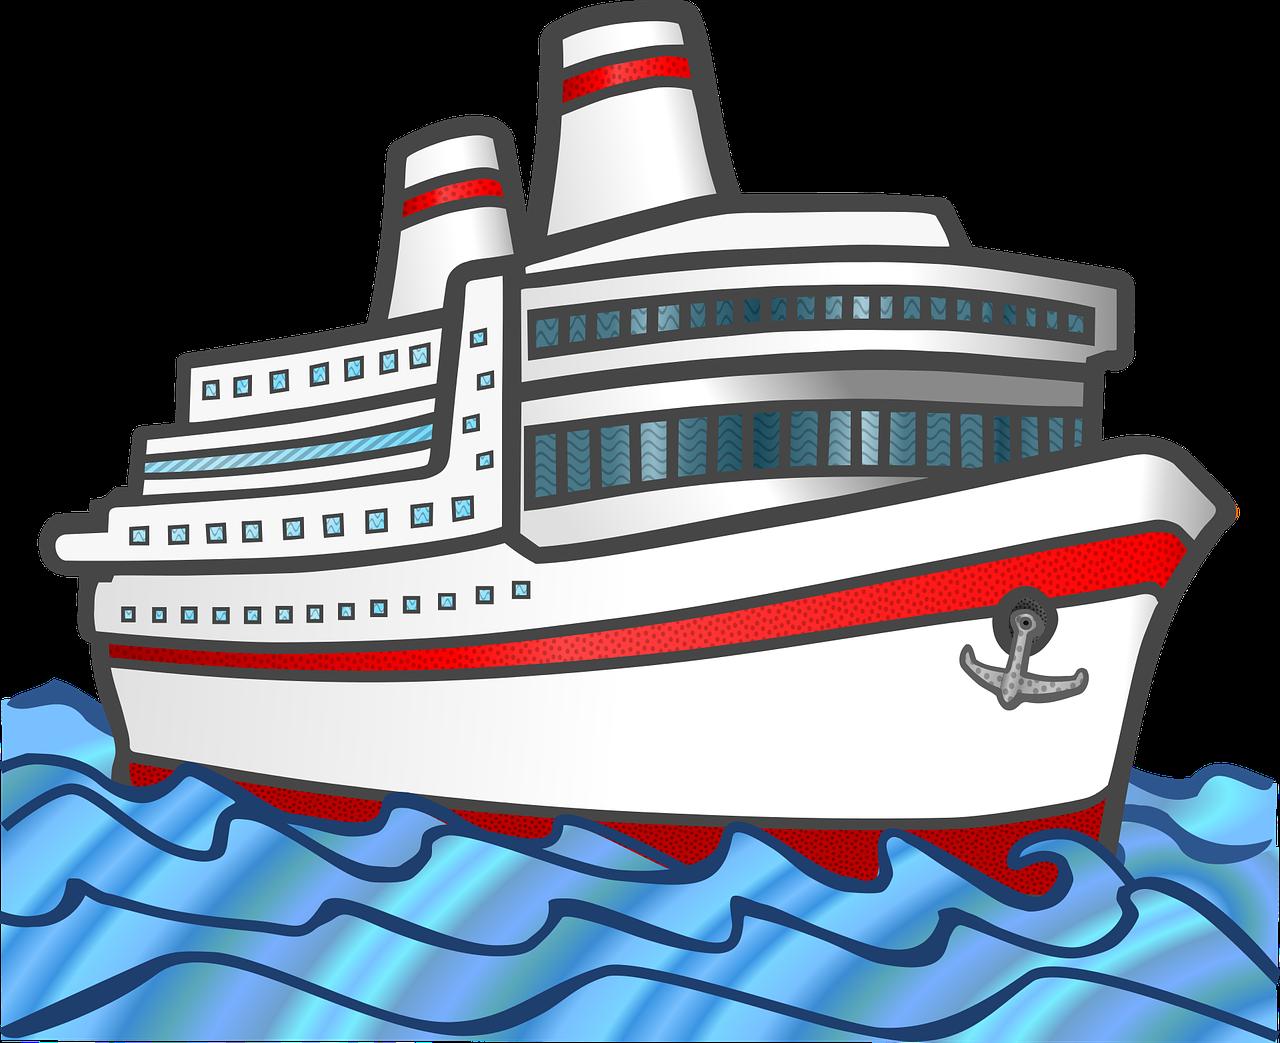 Laut Kapal Lalu Lintas Gambar Vektor Gratis Di Pixabay